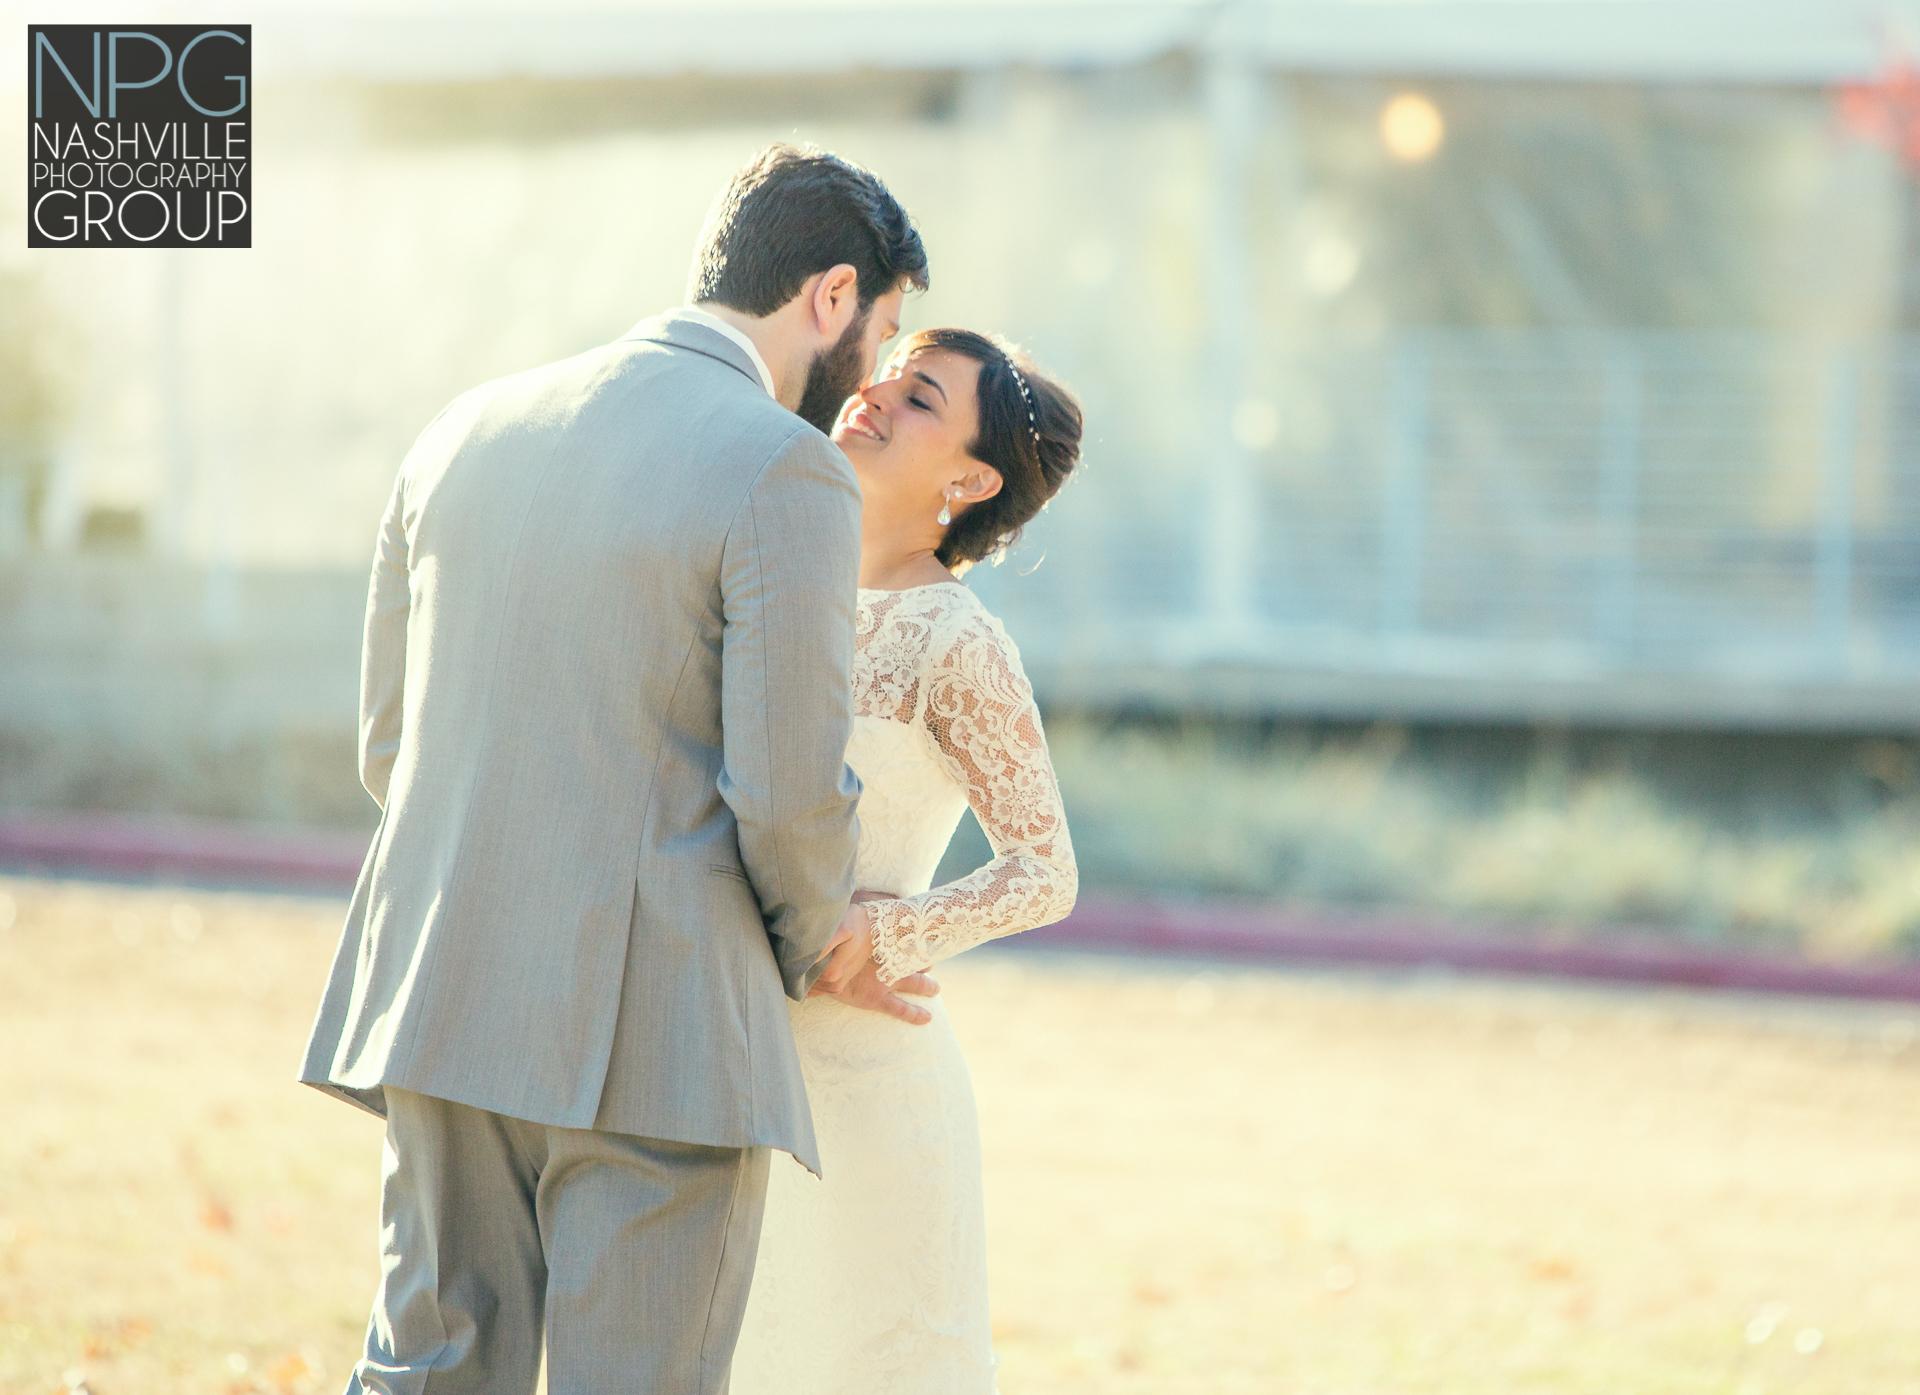 Nashville Photography Group wedding photographers-1-3.jpg